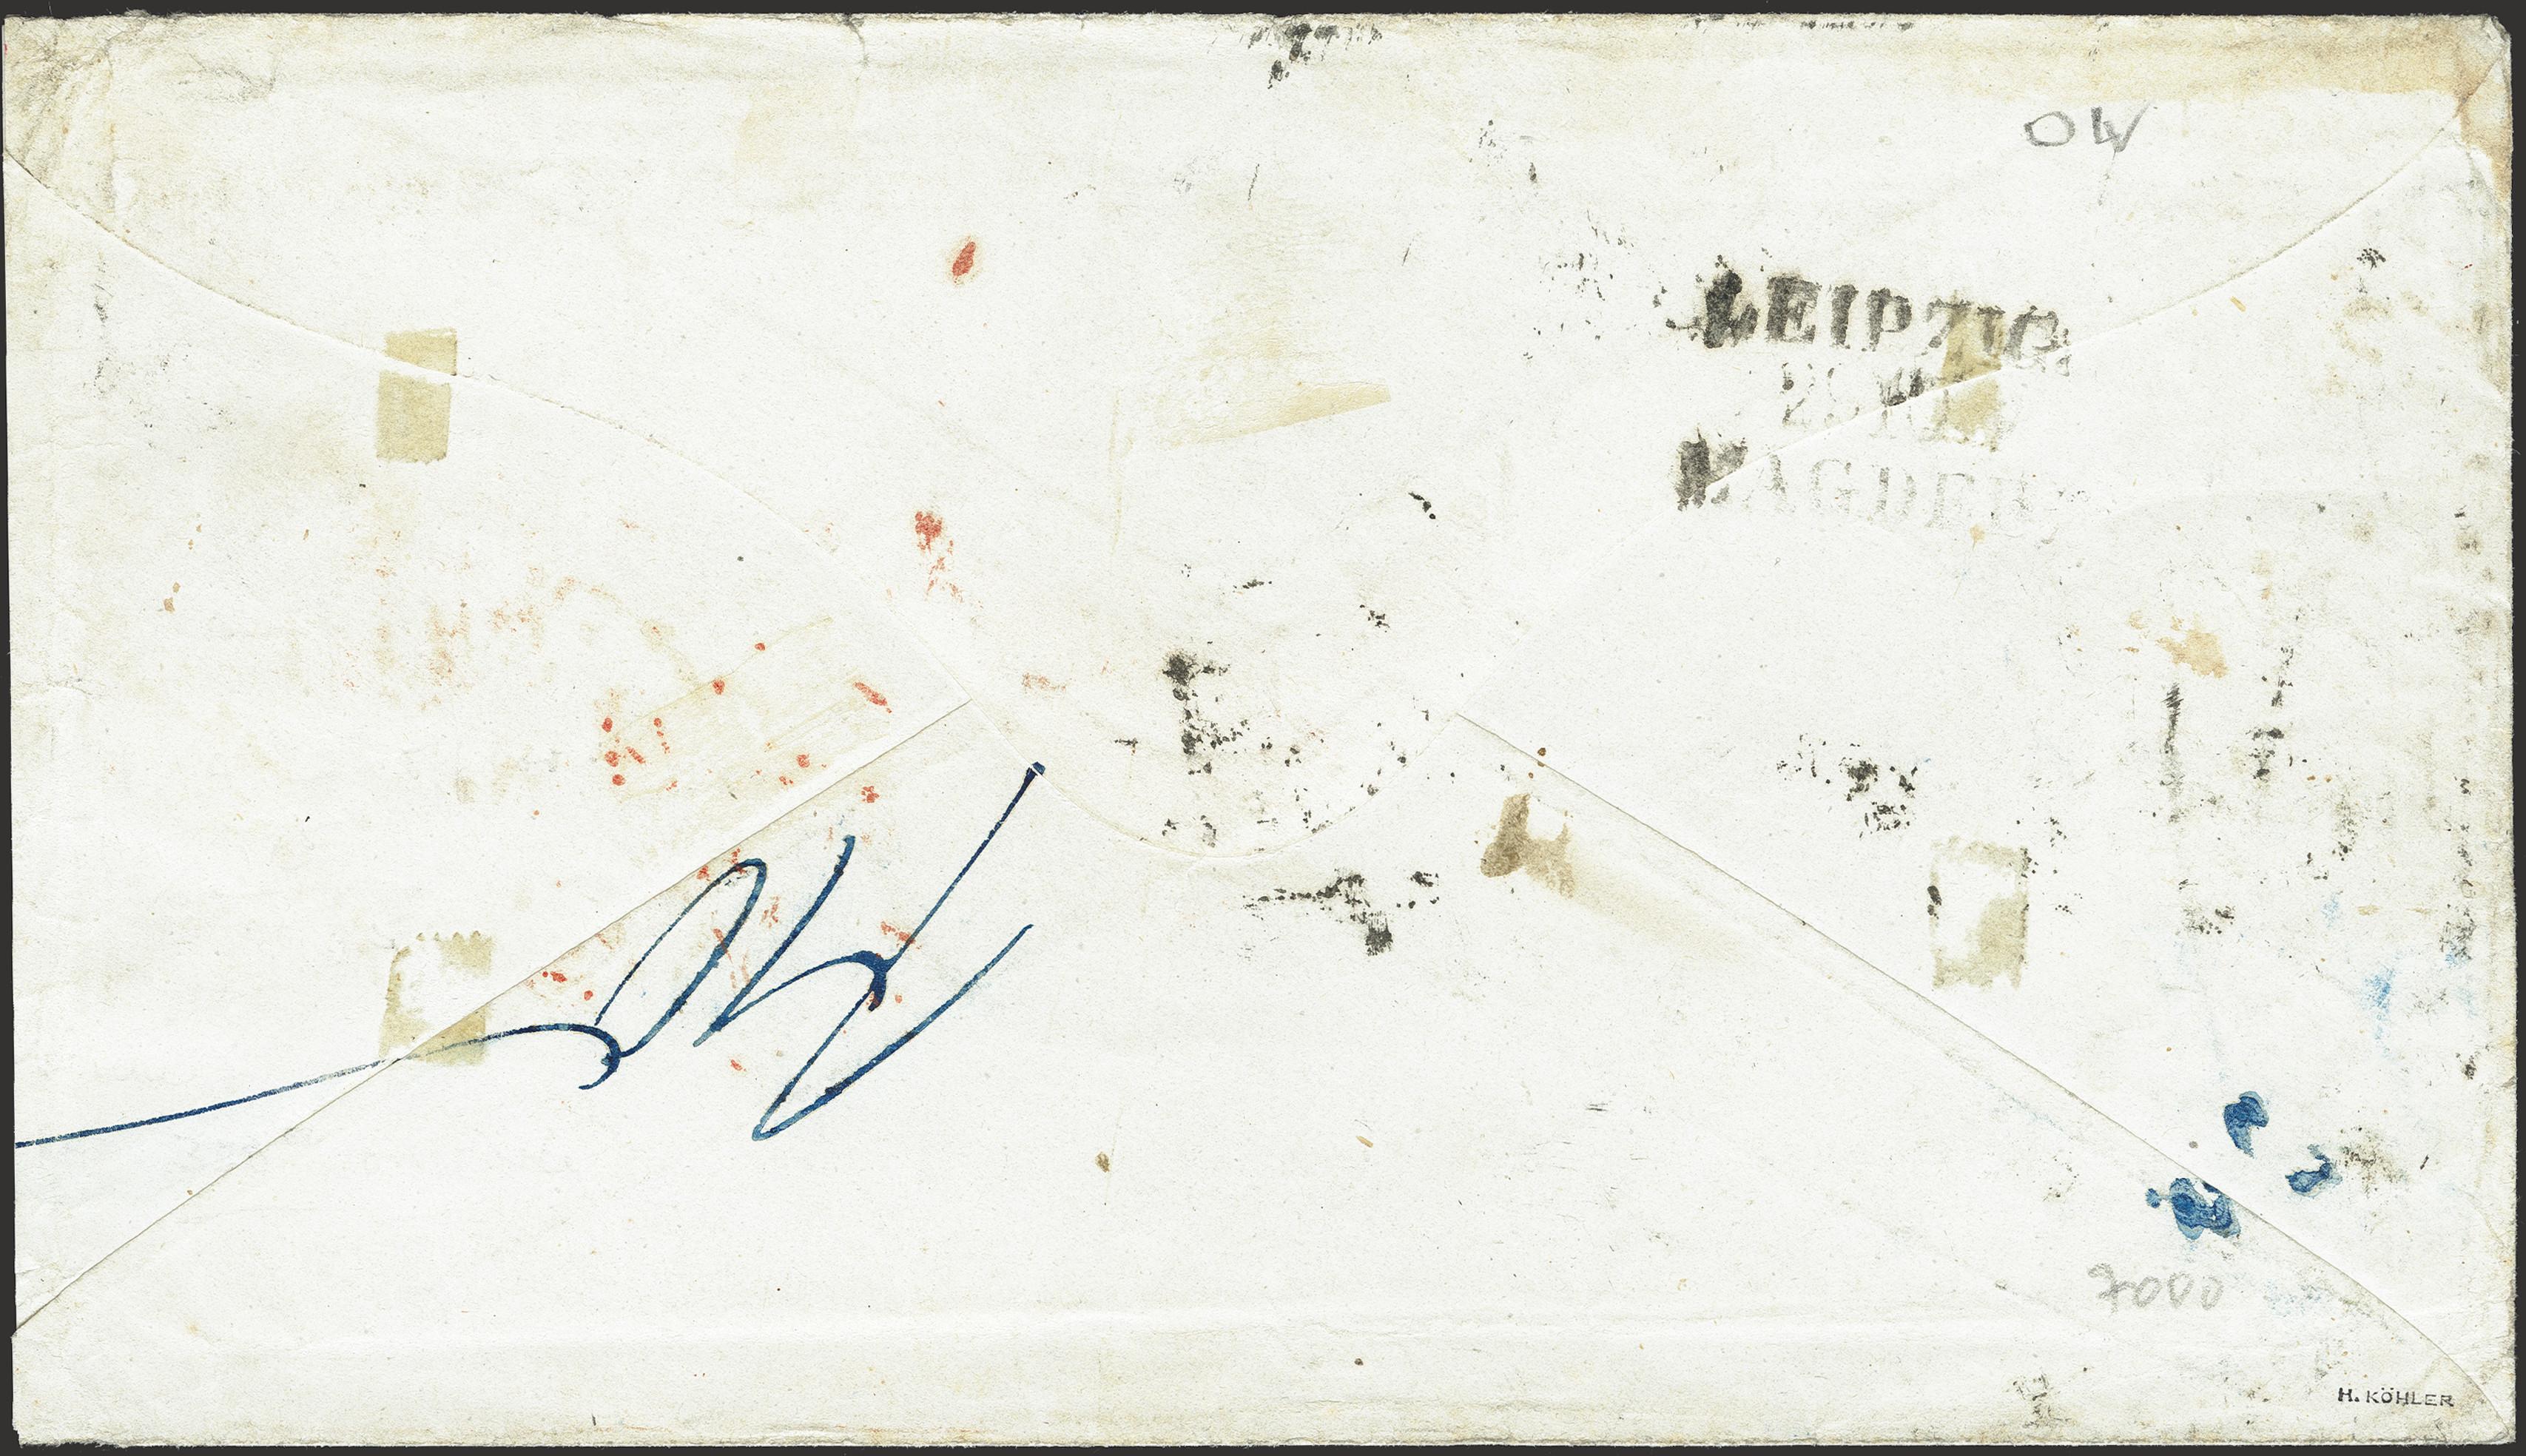 Lot 265 - german states saxony -  Heinrich Koehler Auktionen Heinrich Köhler Auction 376 - Day 6